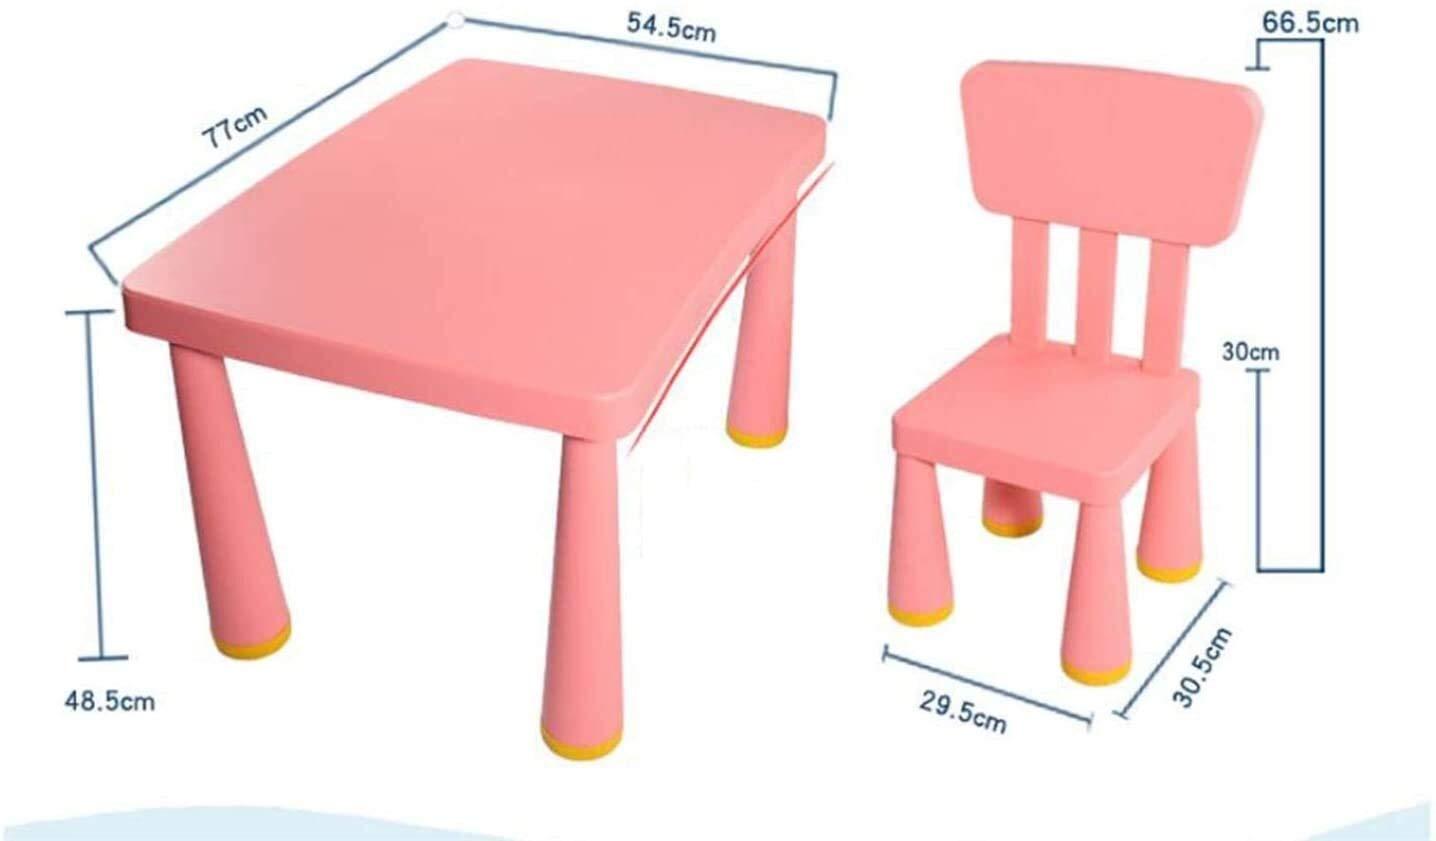 Skrivbord för barn plast bordsstol set barn möbler tillbehör plast skrivbord barn bord och stolar set småbarn aktivitetsstol bäst för småbarn spel läsning lekrum (färg: Blå ) Rosa